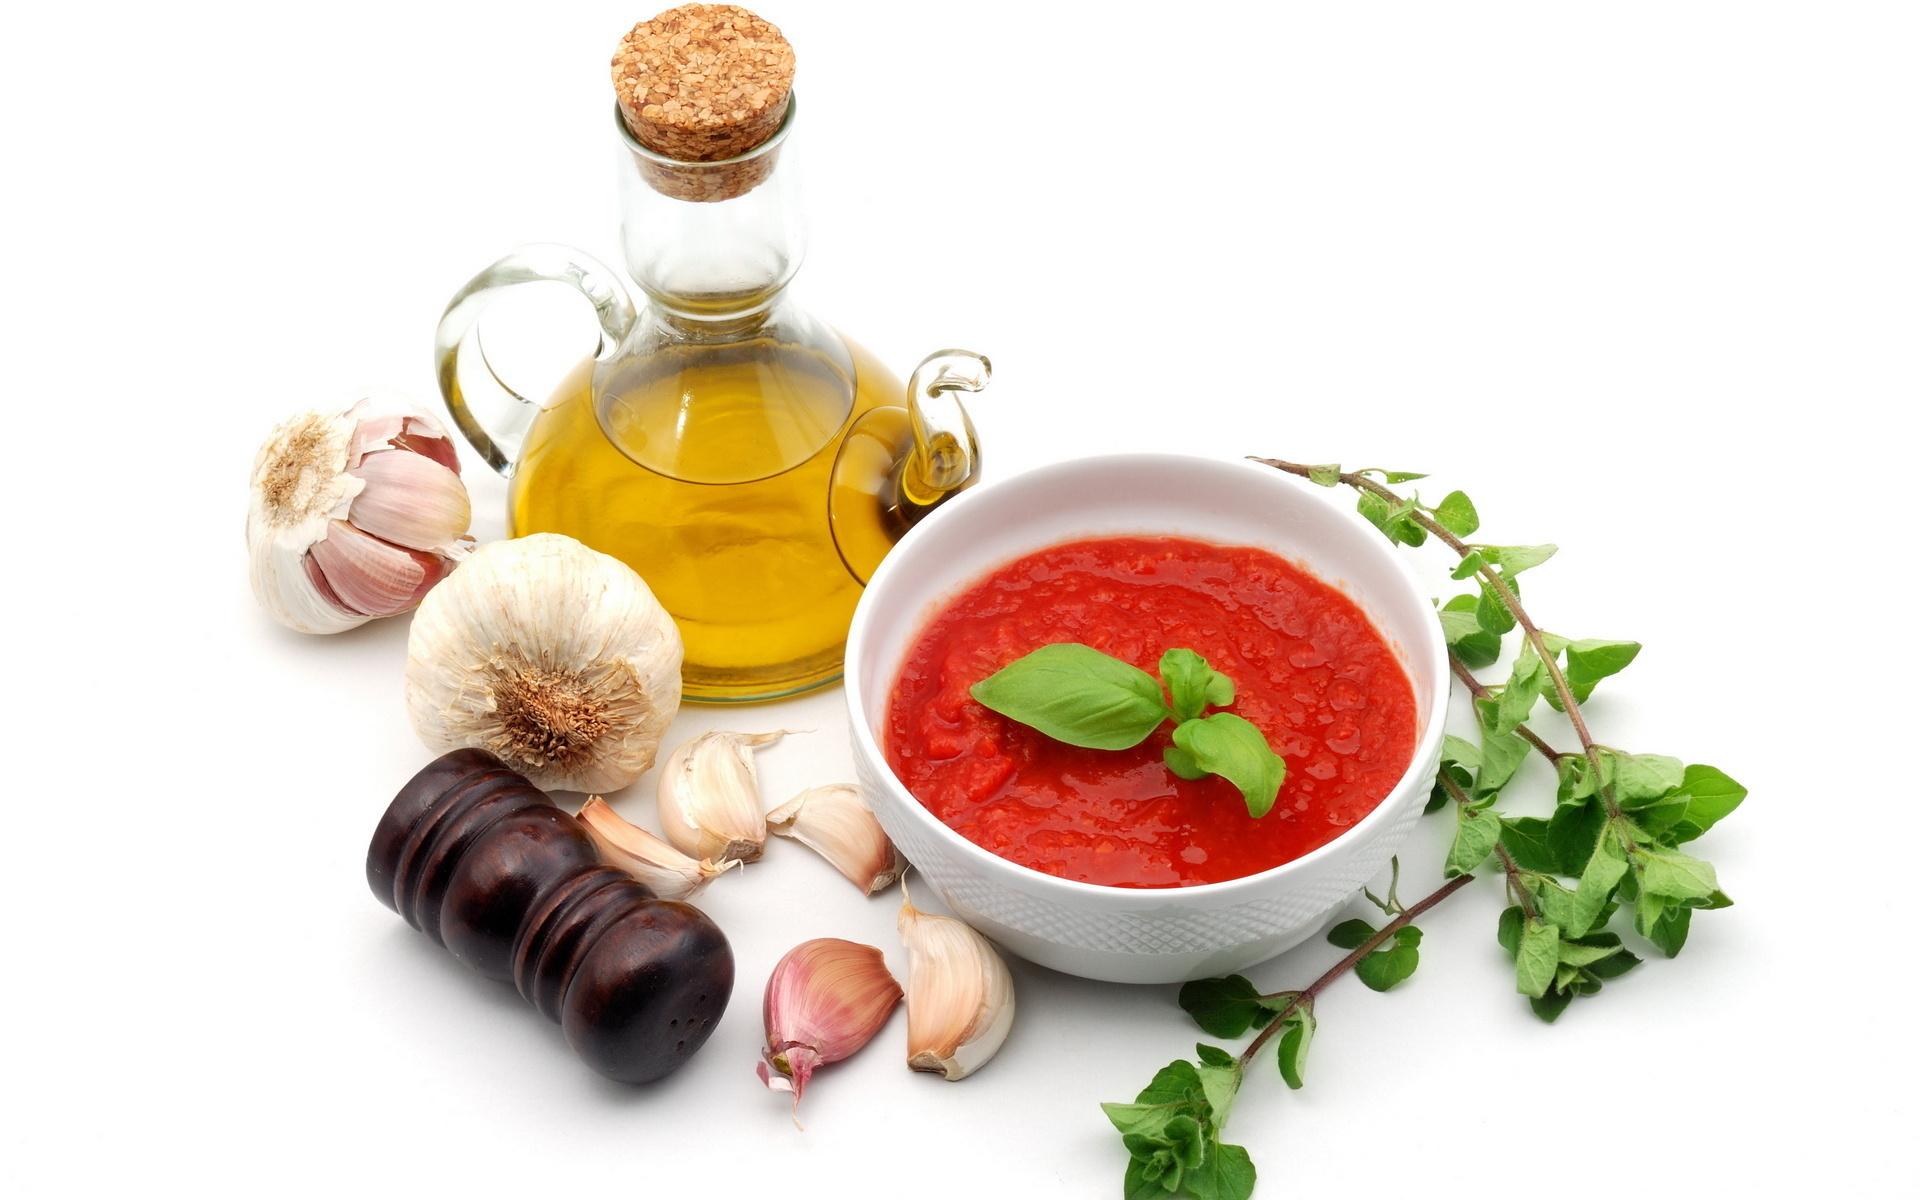 томатный суп, гаспаччо, фото, специи, обои для рабочего стола